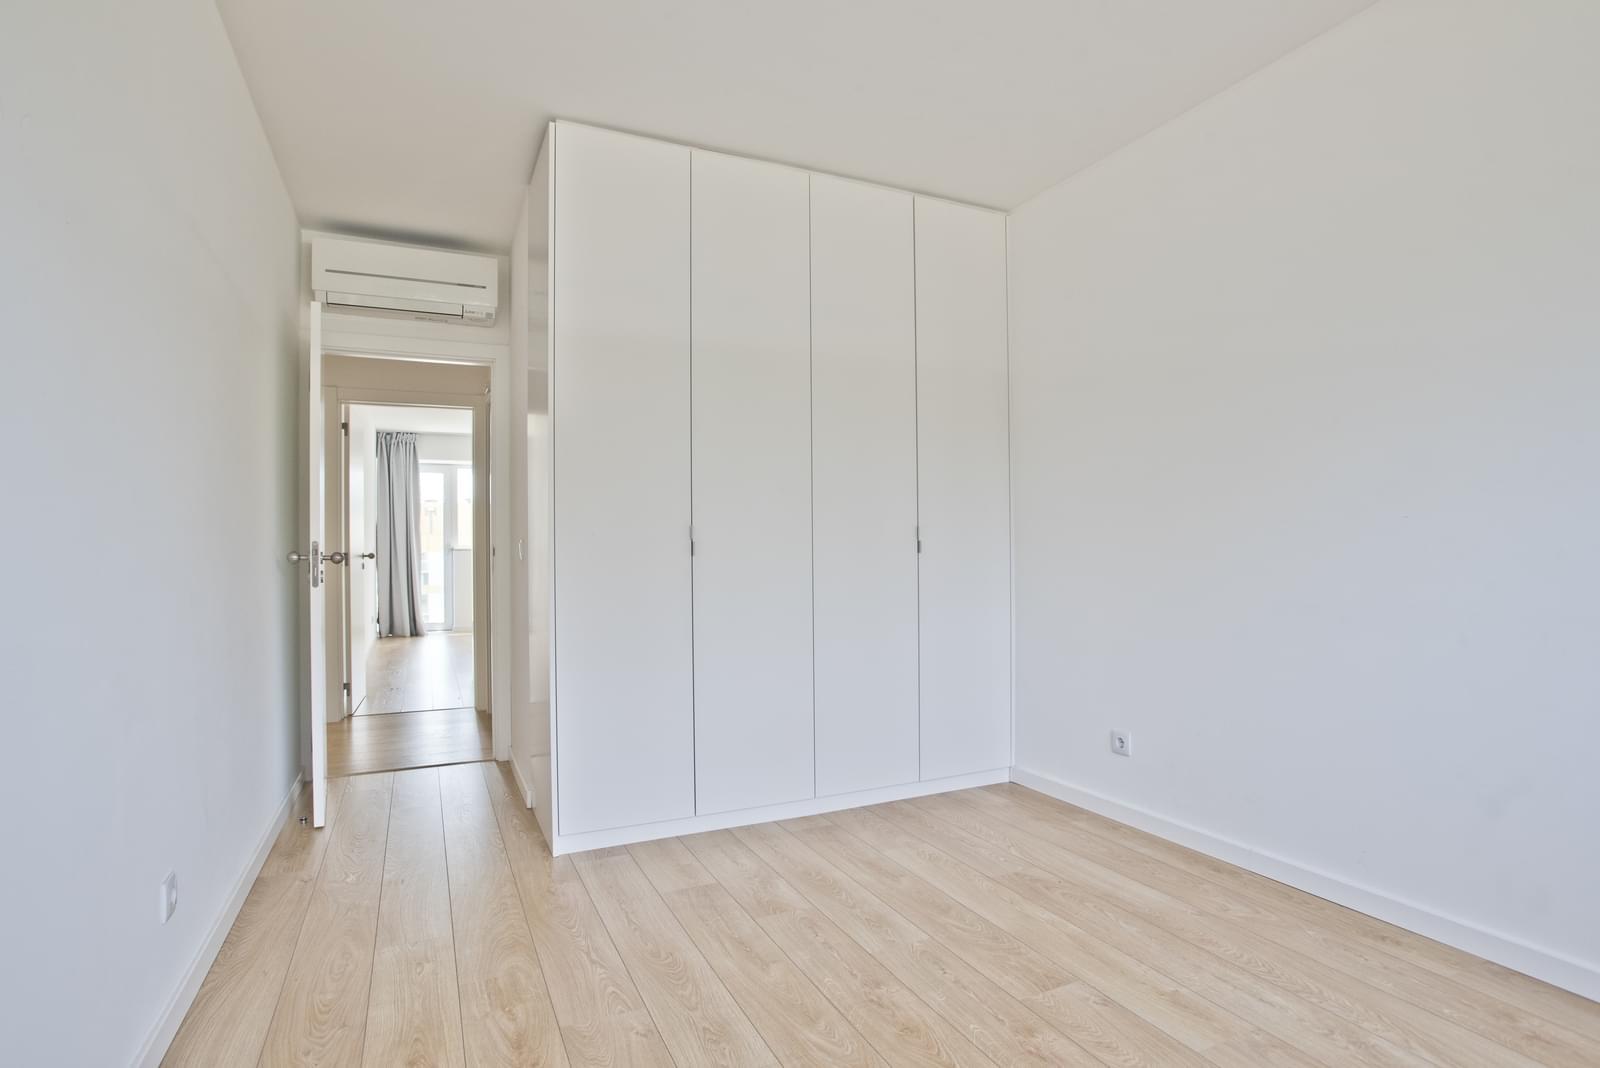 pf13975-apartamento-t4-oeiras-d3caa4c8-6155-478c-baae-0d07b327166a